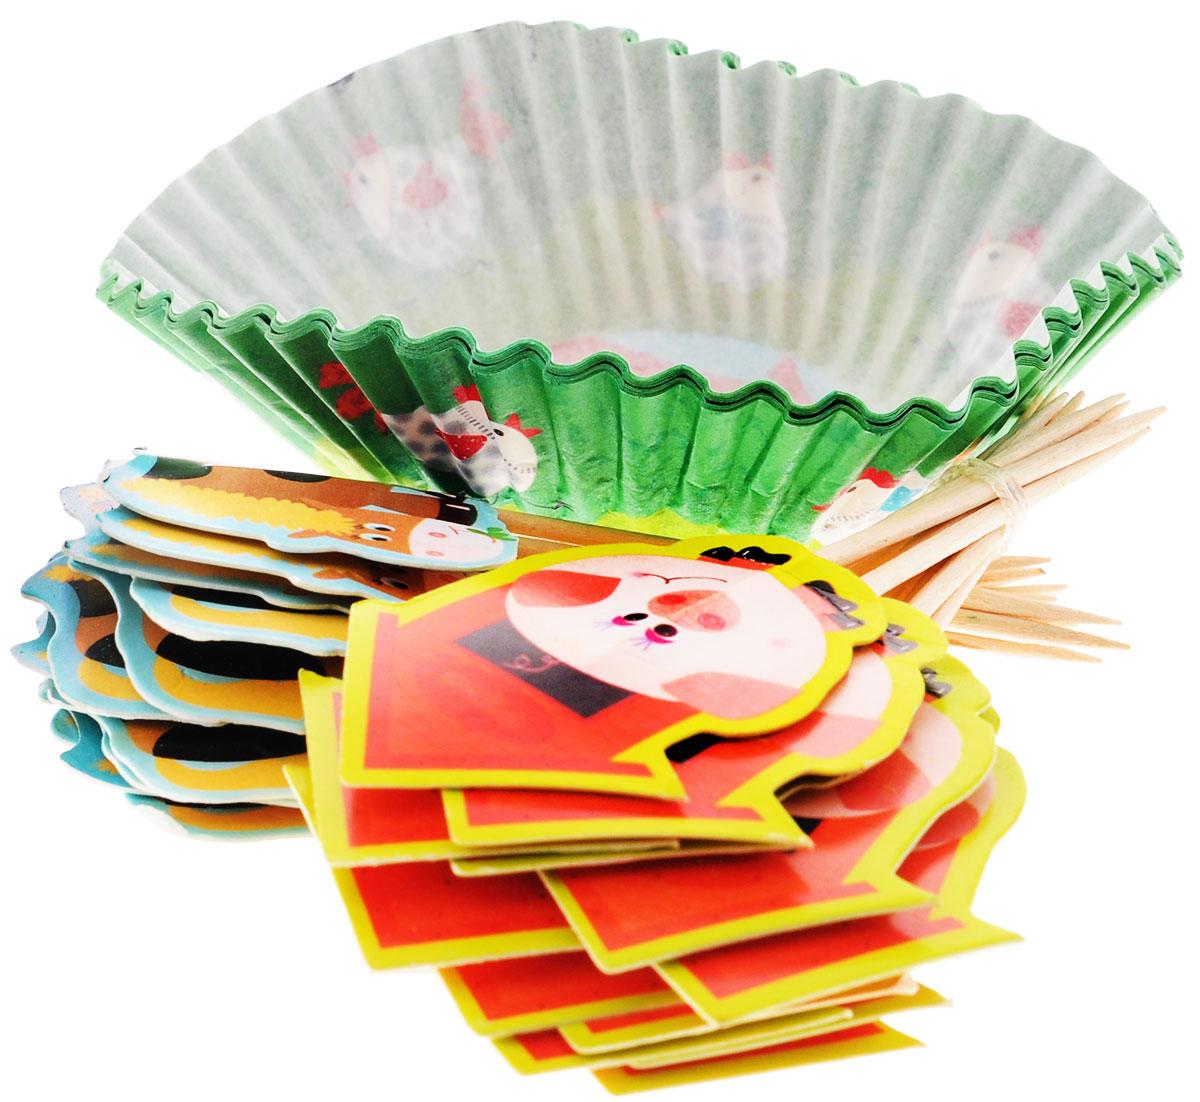 Веселая затея Тарталетки и Украшения для выпечки Забавная Ферма, 48 шт1502-1357Украсьте праздник в деревенском стиле тарталетками с курочками и хрюшками! В набор входят 24 зеленые тарталетки, 12 пик для украшения маффинов с лошадкой и 12 пик с поросенком. Вы также можете использовать пики отдельно как шпажки для канапе. Бумажные тарталетки можно использовать для упаковки или для непосредственной выпечки кексов. Чтобы приготовить угощения в тарталетках, вы можете предварительно поставить их в поддерживающую силиконовую или металлическую форму, заполнить тестом и выпекать кексы. Второй вариант использования - поставить в тарталетки уже готовую выпечку, монпасье, сухофрукты, орешки и другие сладости. Тарталетки не обязательно заполнять сладким, с таким же успехом можно насыпать в них алмазы и рубины, пиастры и дублоны!